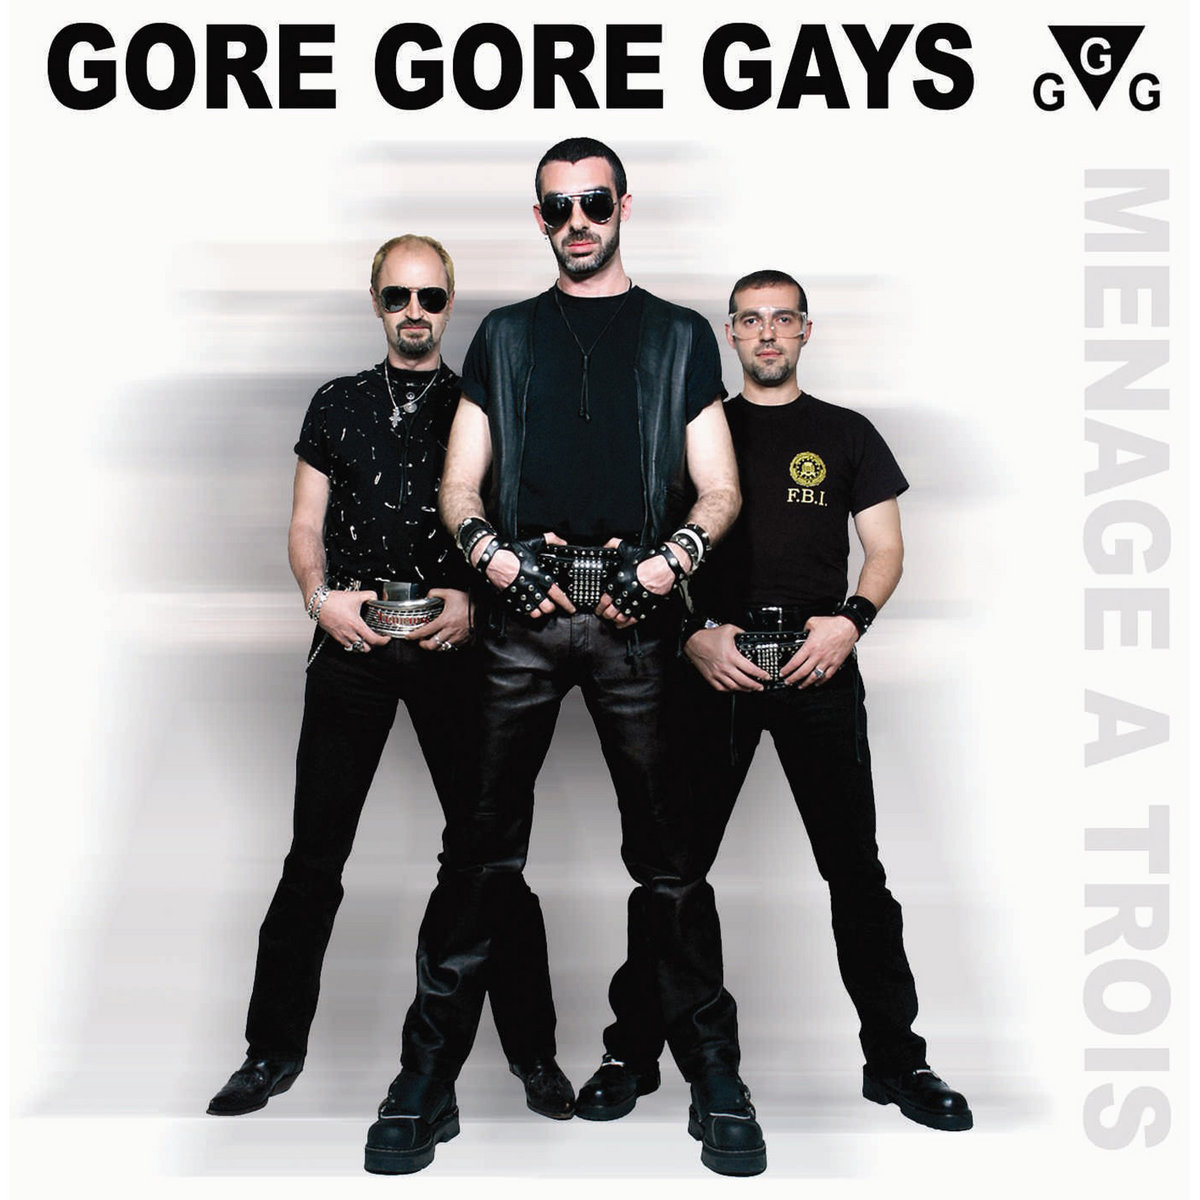 Huesos gay escuchimizao